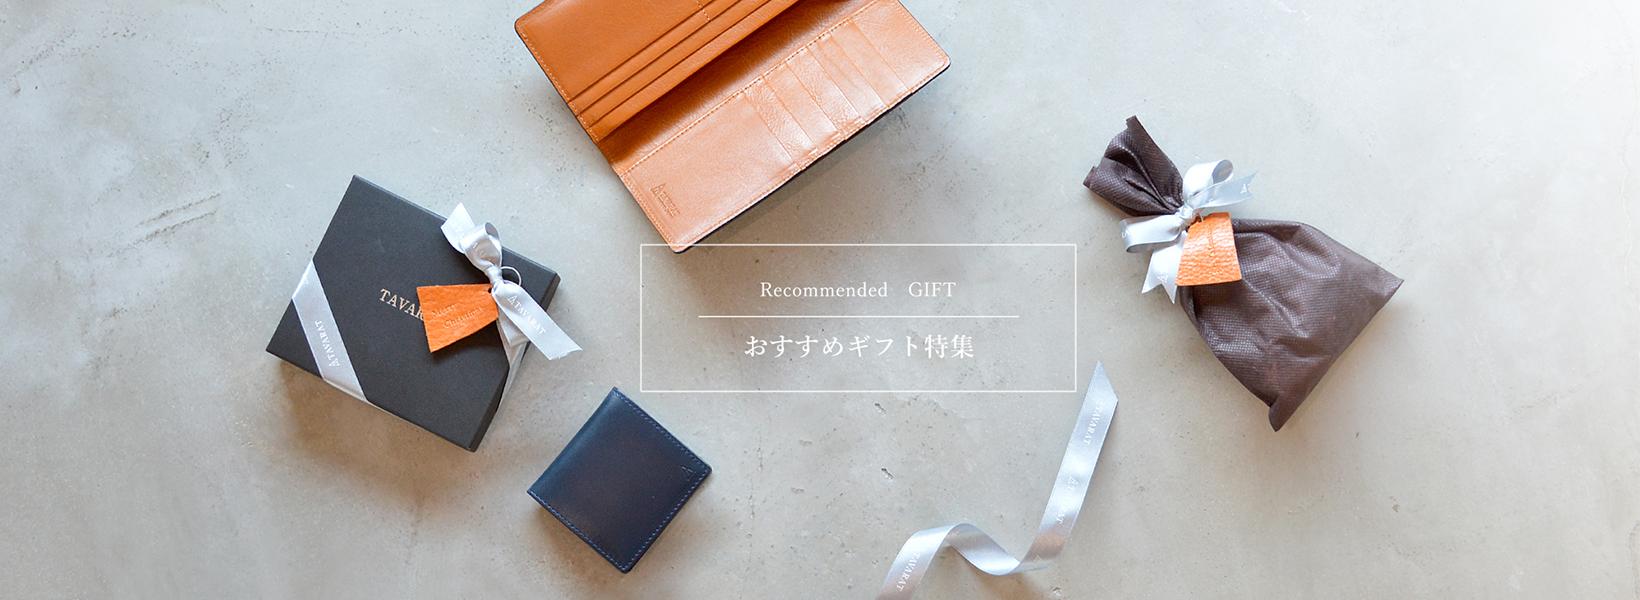 gift_main.jpg